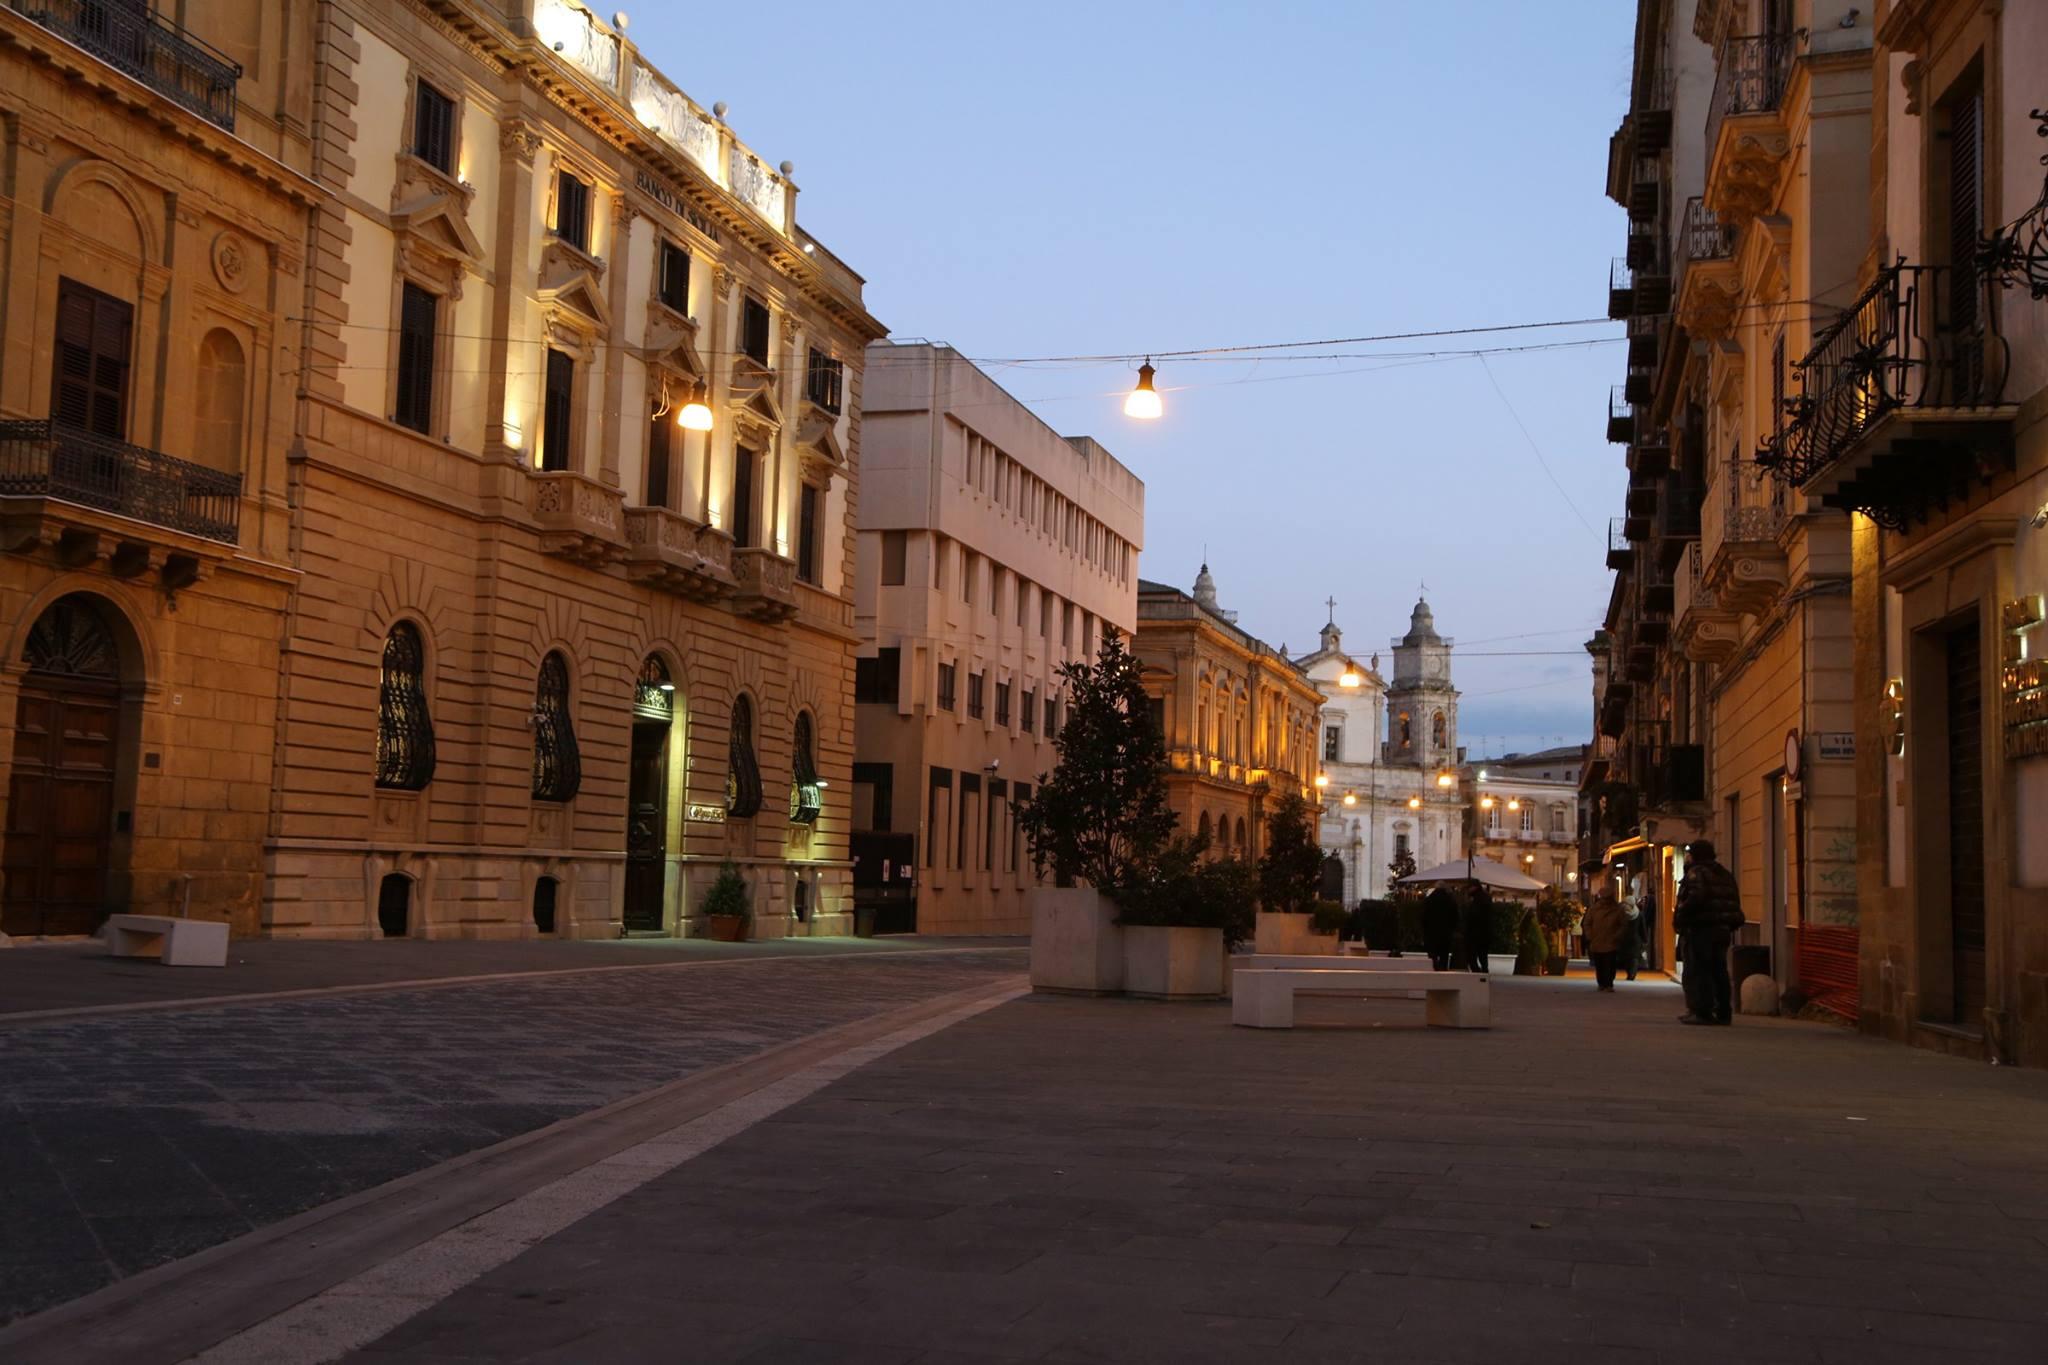 Deliberate le somme per l 39 arredo urbano in centro storico for Un arredo urbano